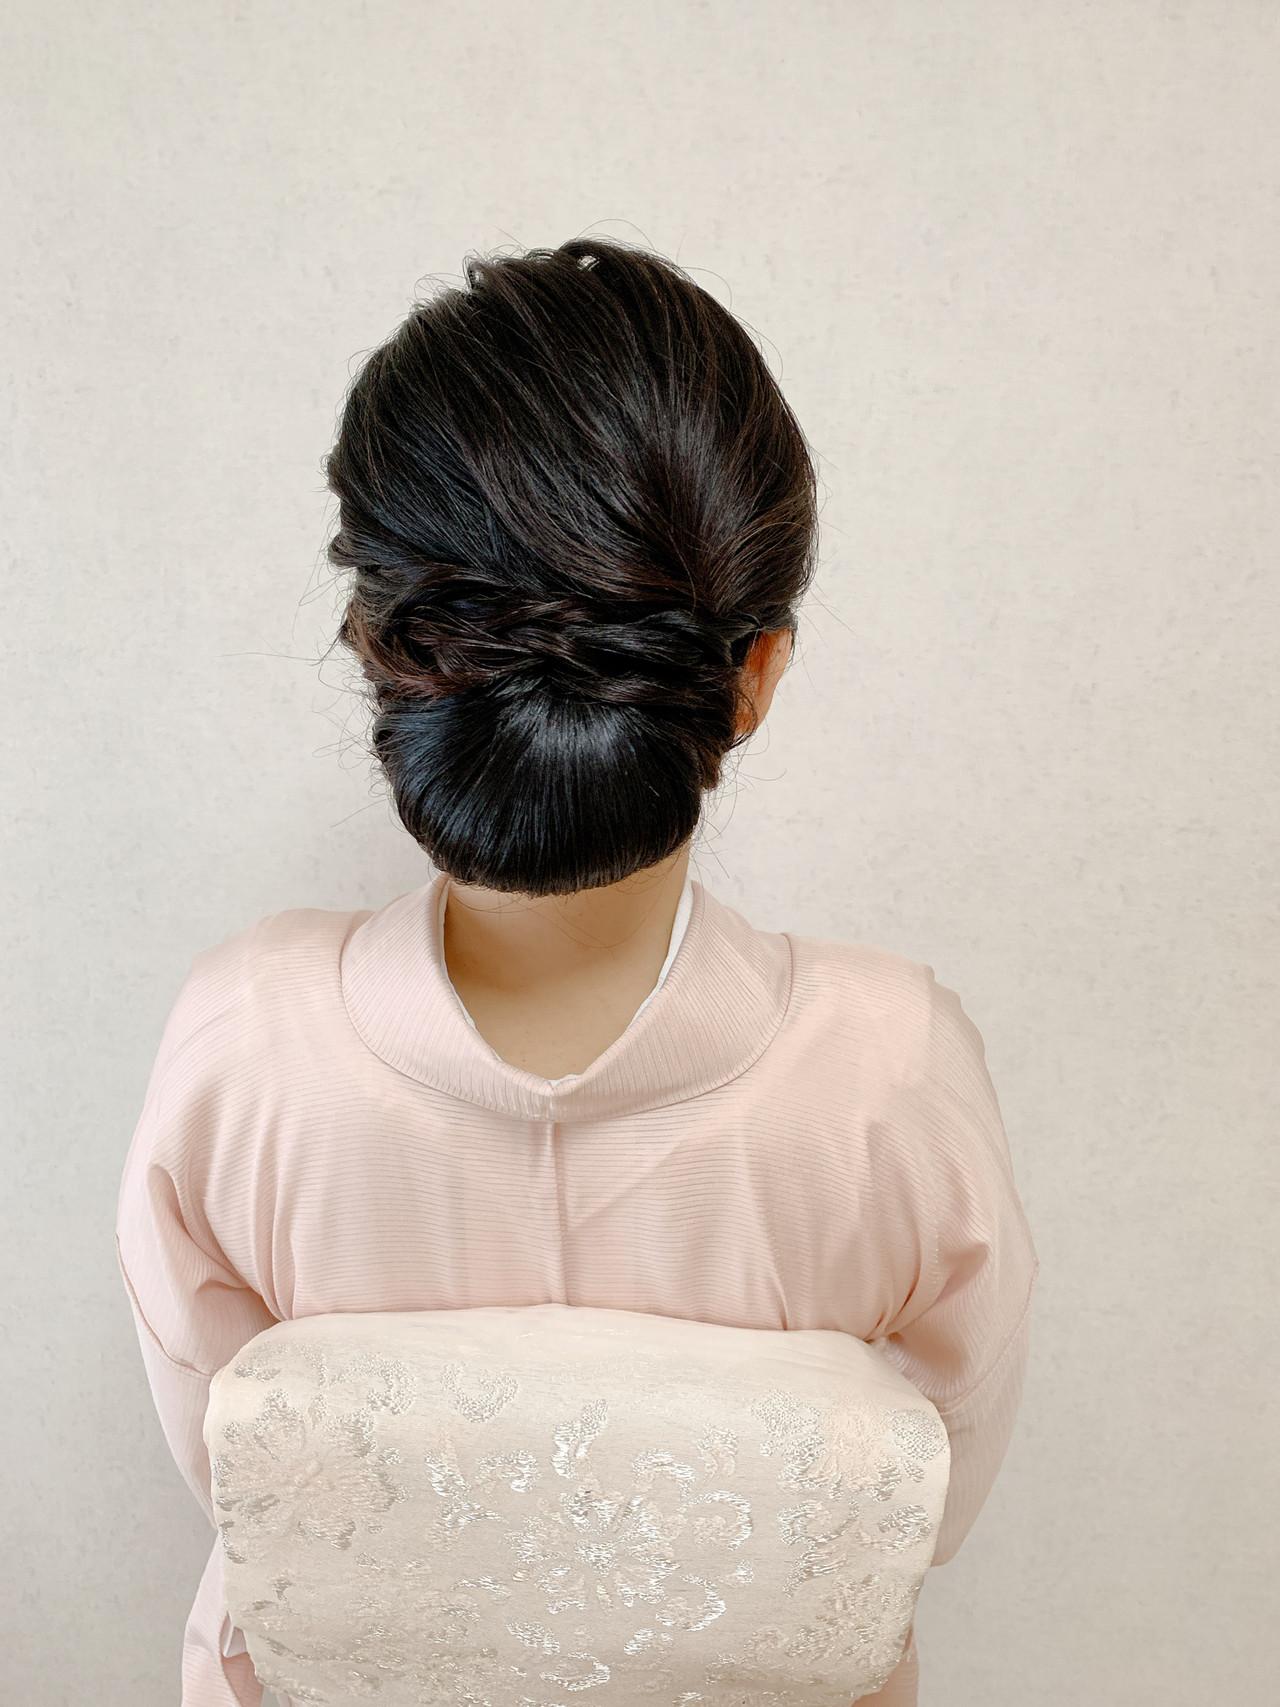 ヘアアレンジ ロング 結婚式 結婚式髪型 ヘアスタイルや髪型の写真・画像